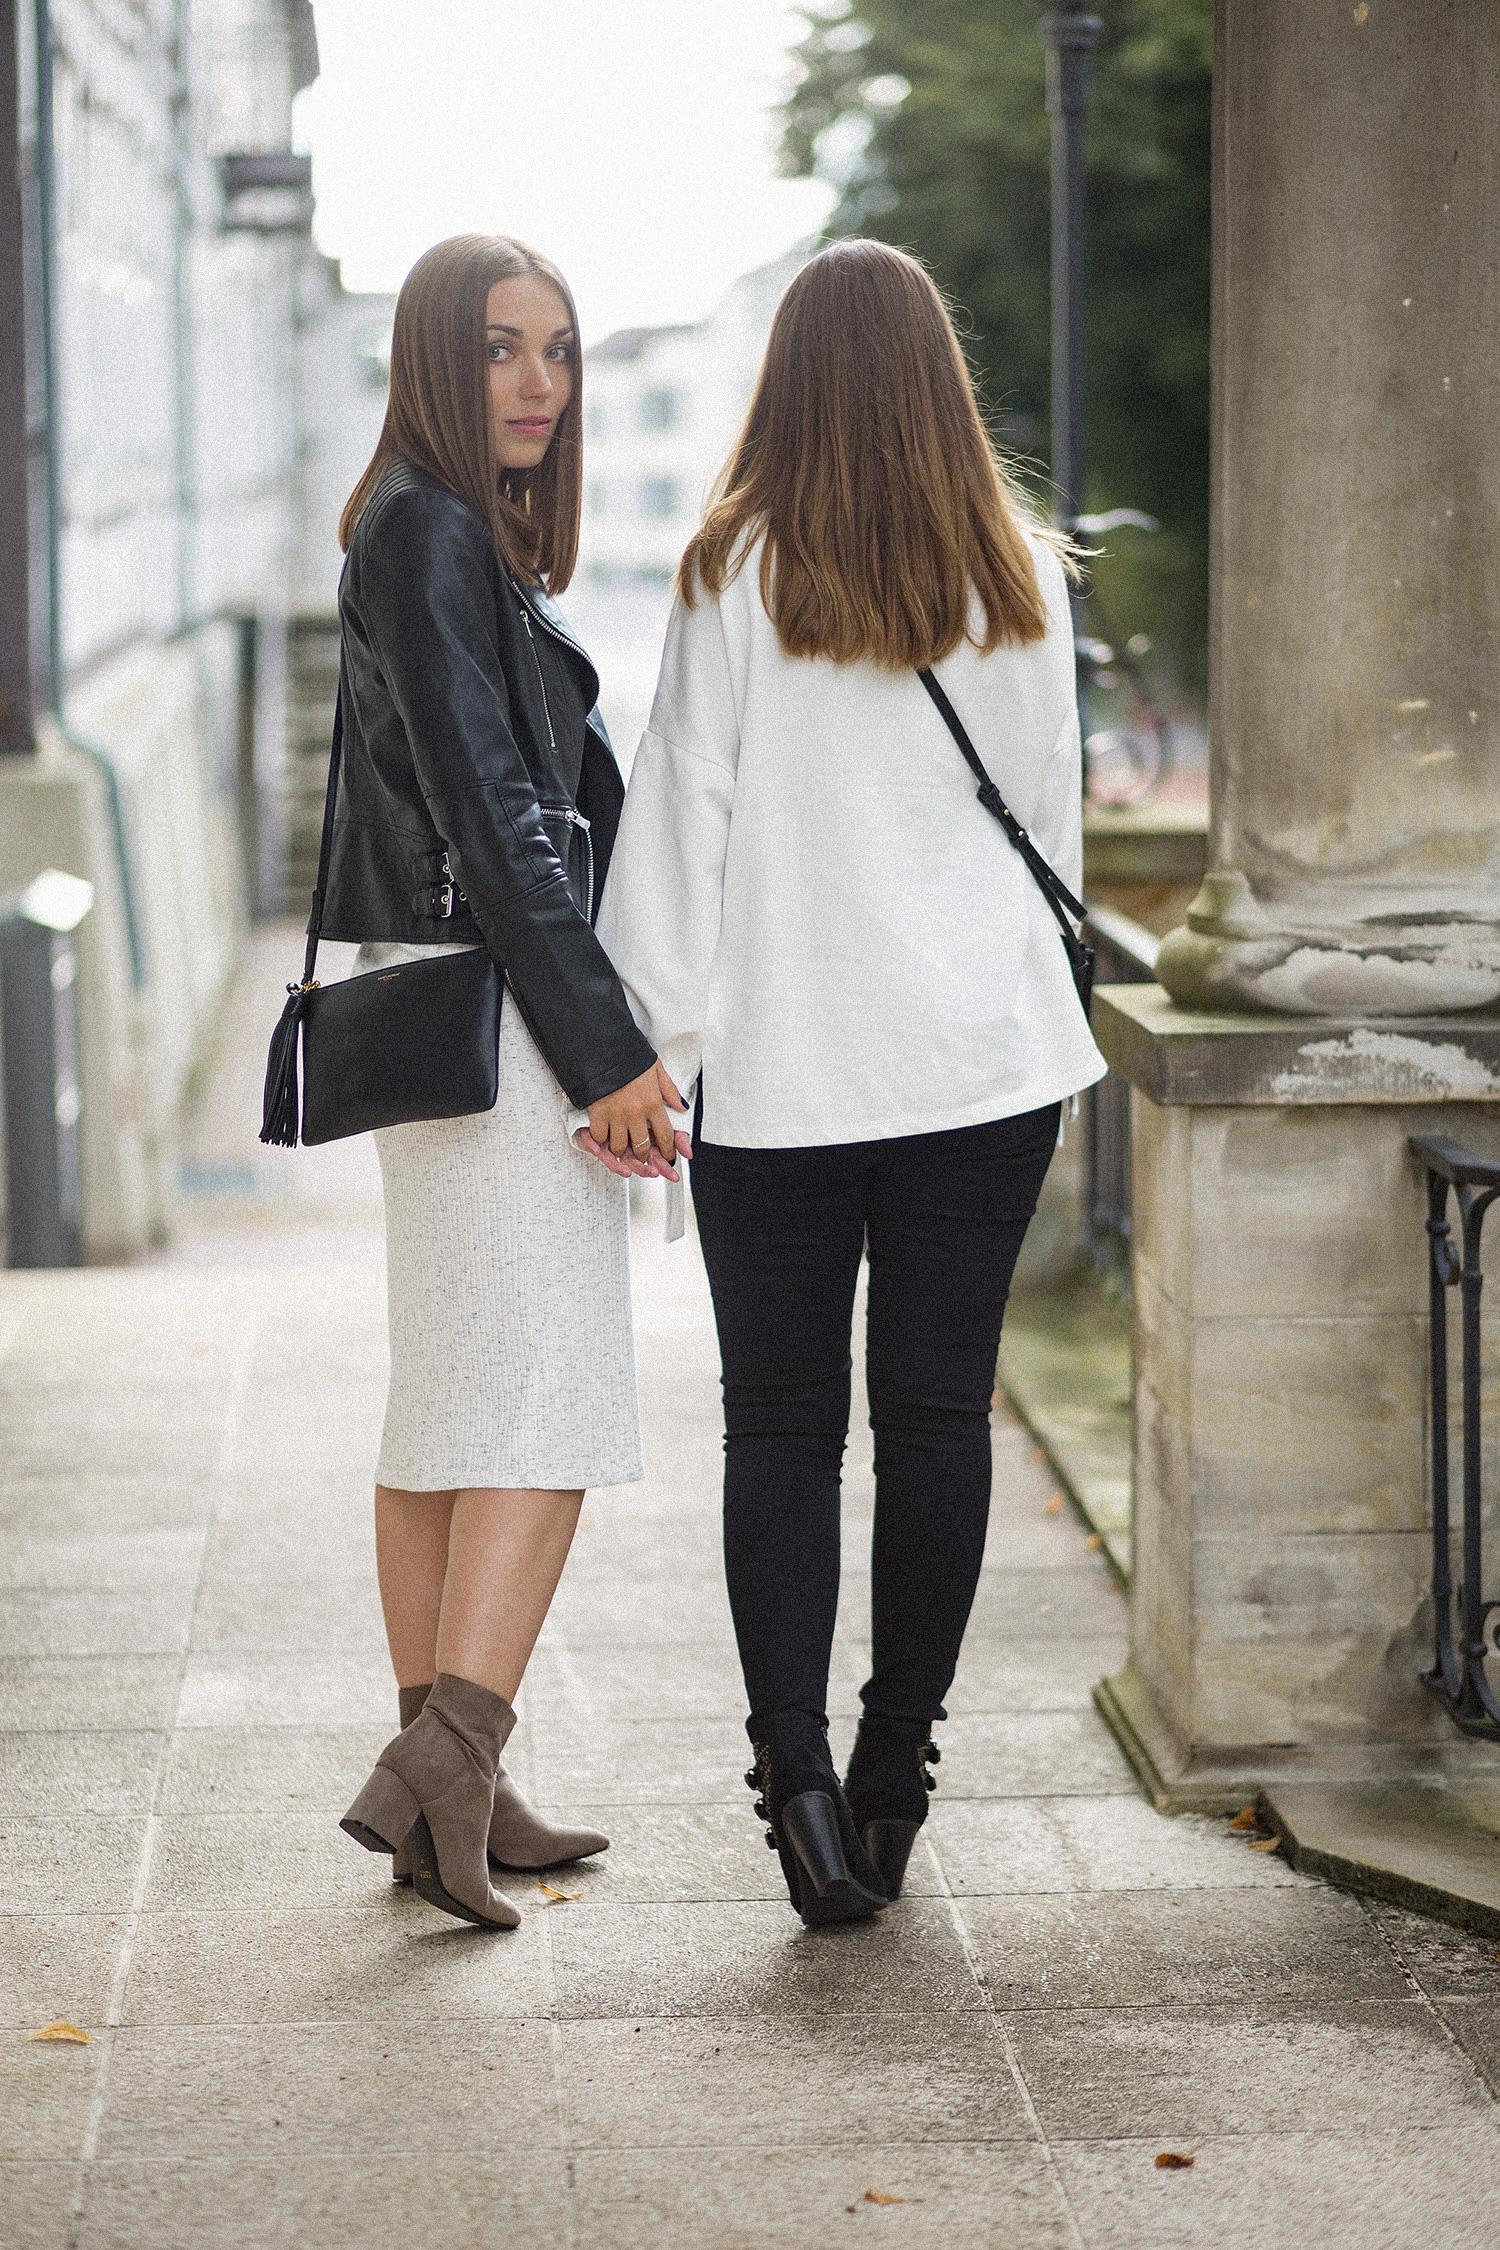 Fashion Swap mit Luisa von sparkly inspiration, meliertes Midikleid Outfit, schwarze Lederjacke, Yves Saint-Laurent Tasche, bezauberndenana.de